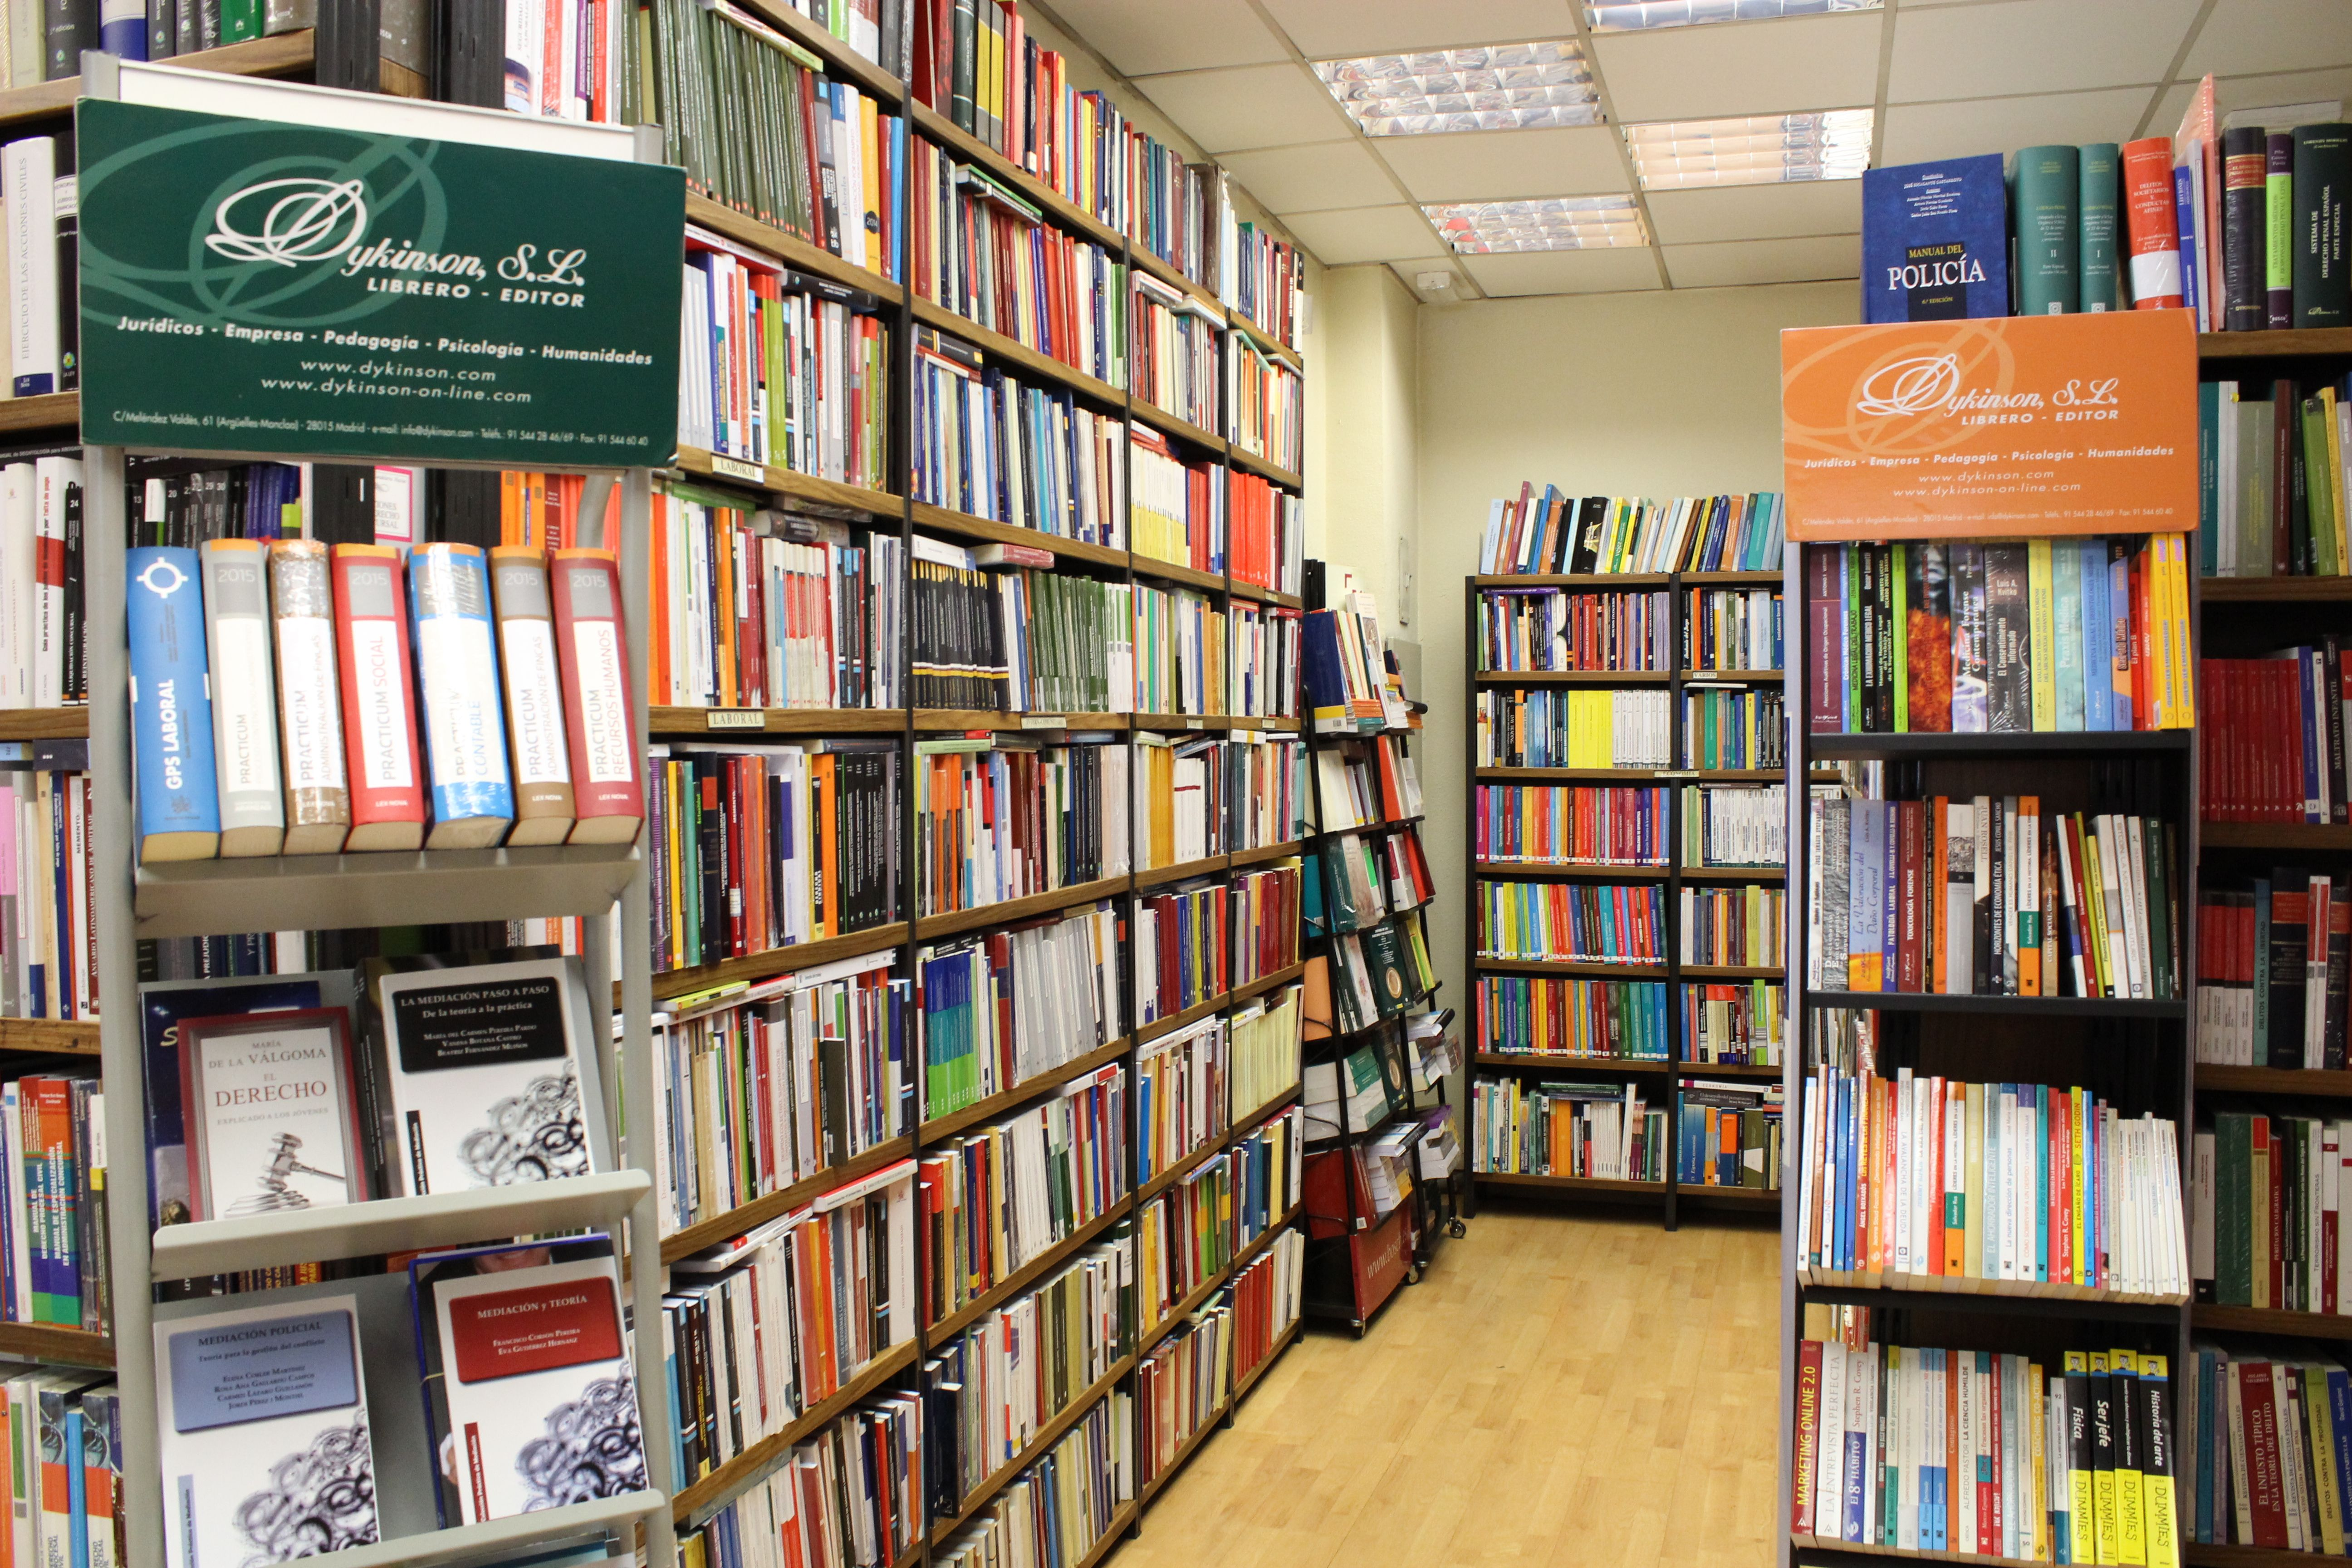 Foto 2 de Librerías en Madrid | Dykinson